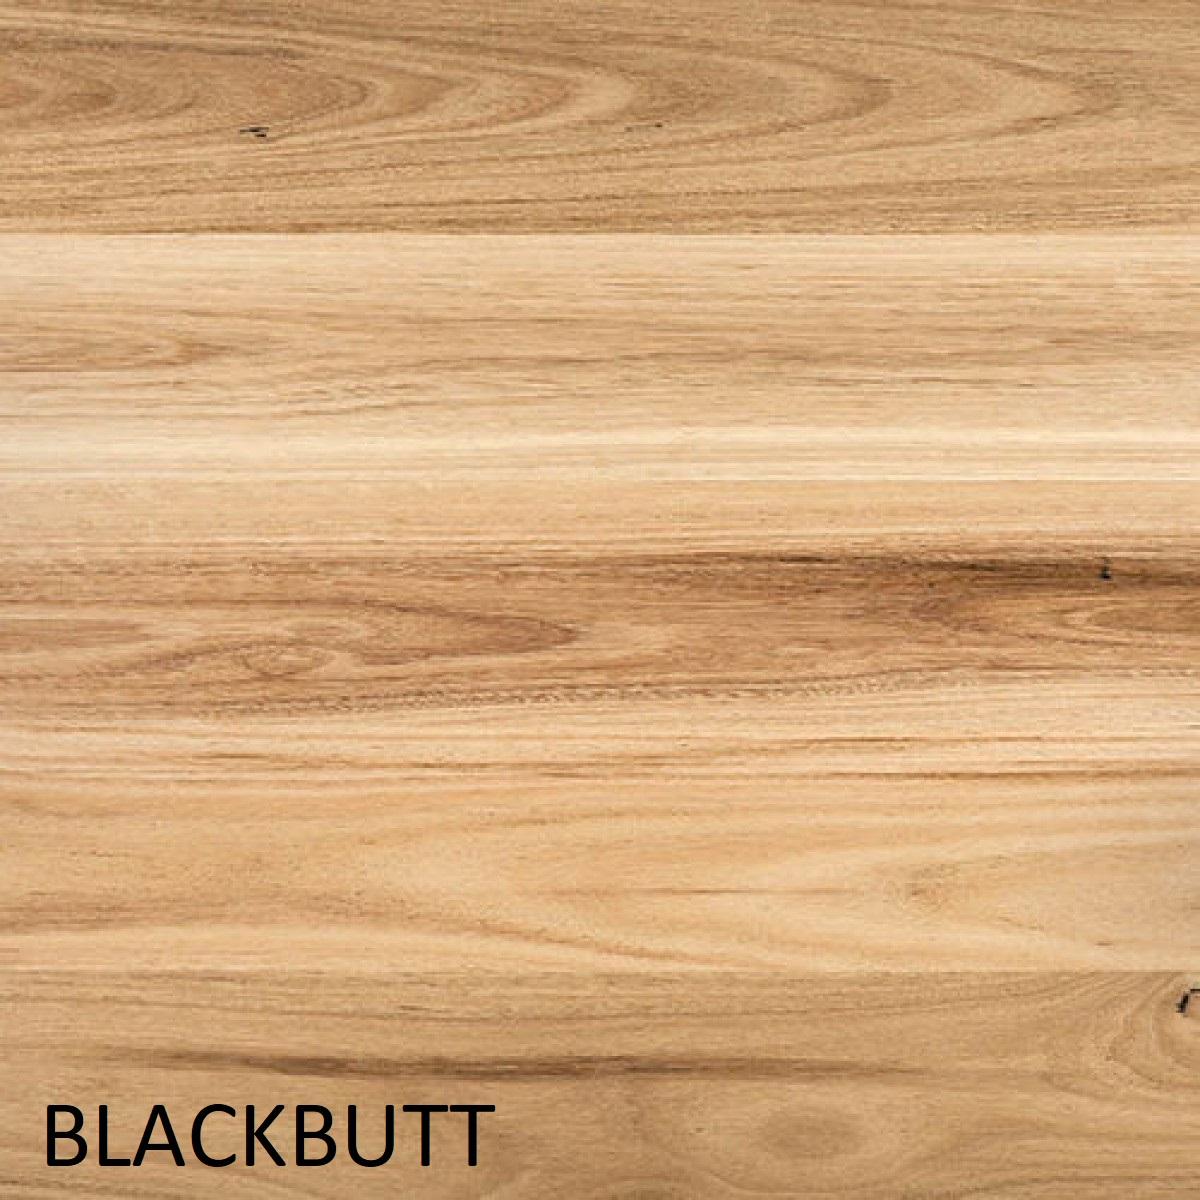 blackBUTT.jpg